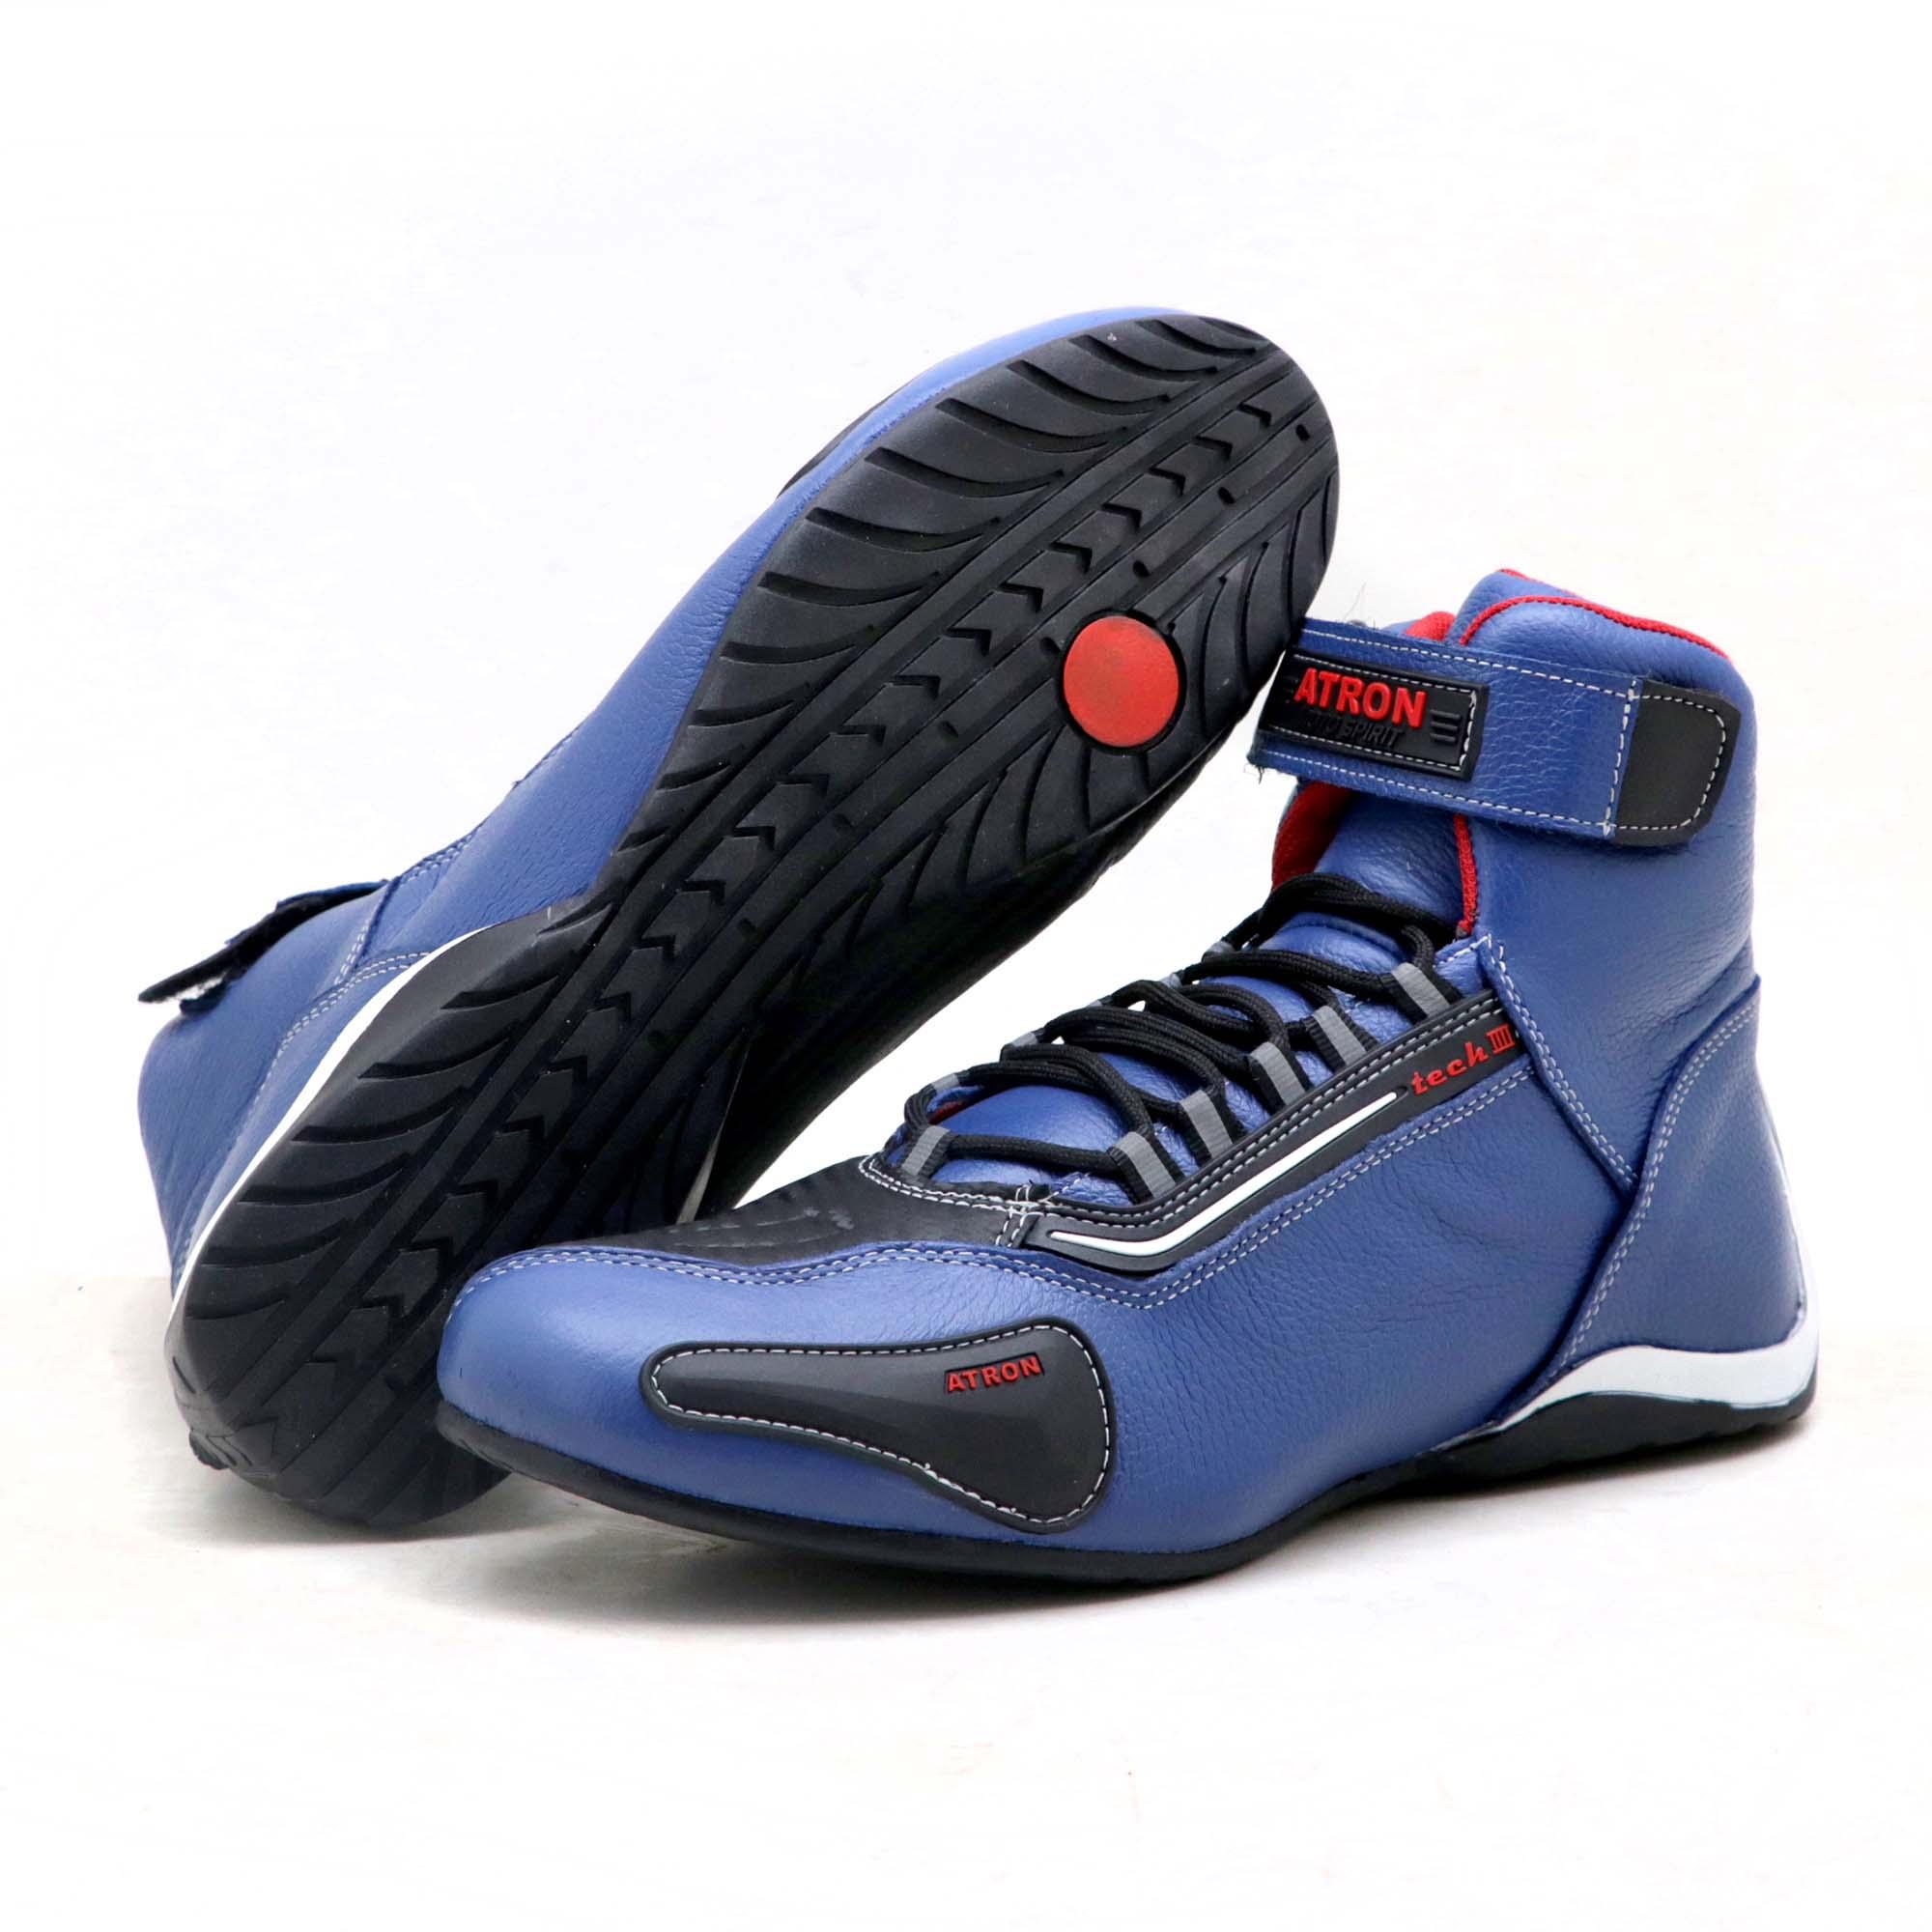 KIT CHINELO Tênis motociclista cano alto em couro legítimo nas cores azul e preto 311